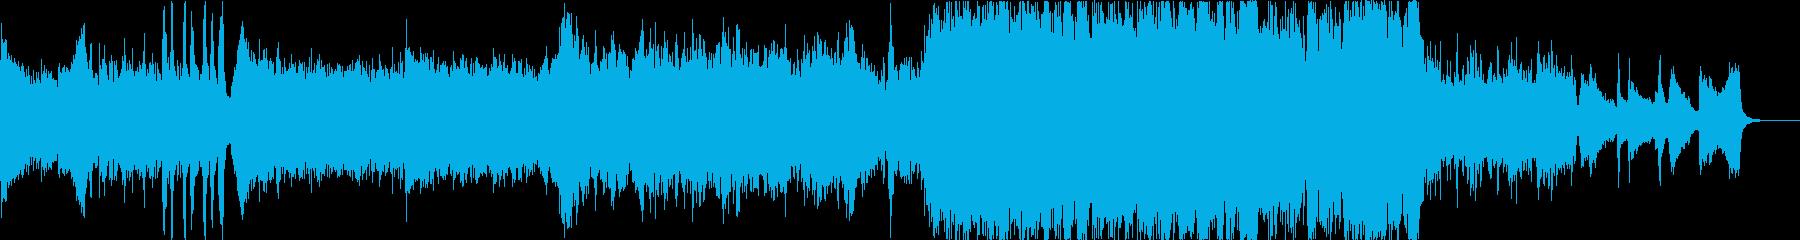 クワイア音源を使用した緊張感のある楽曲の再生済みの波形